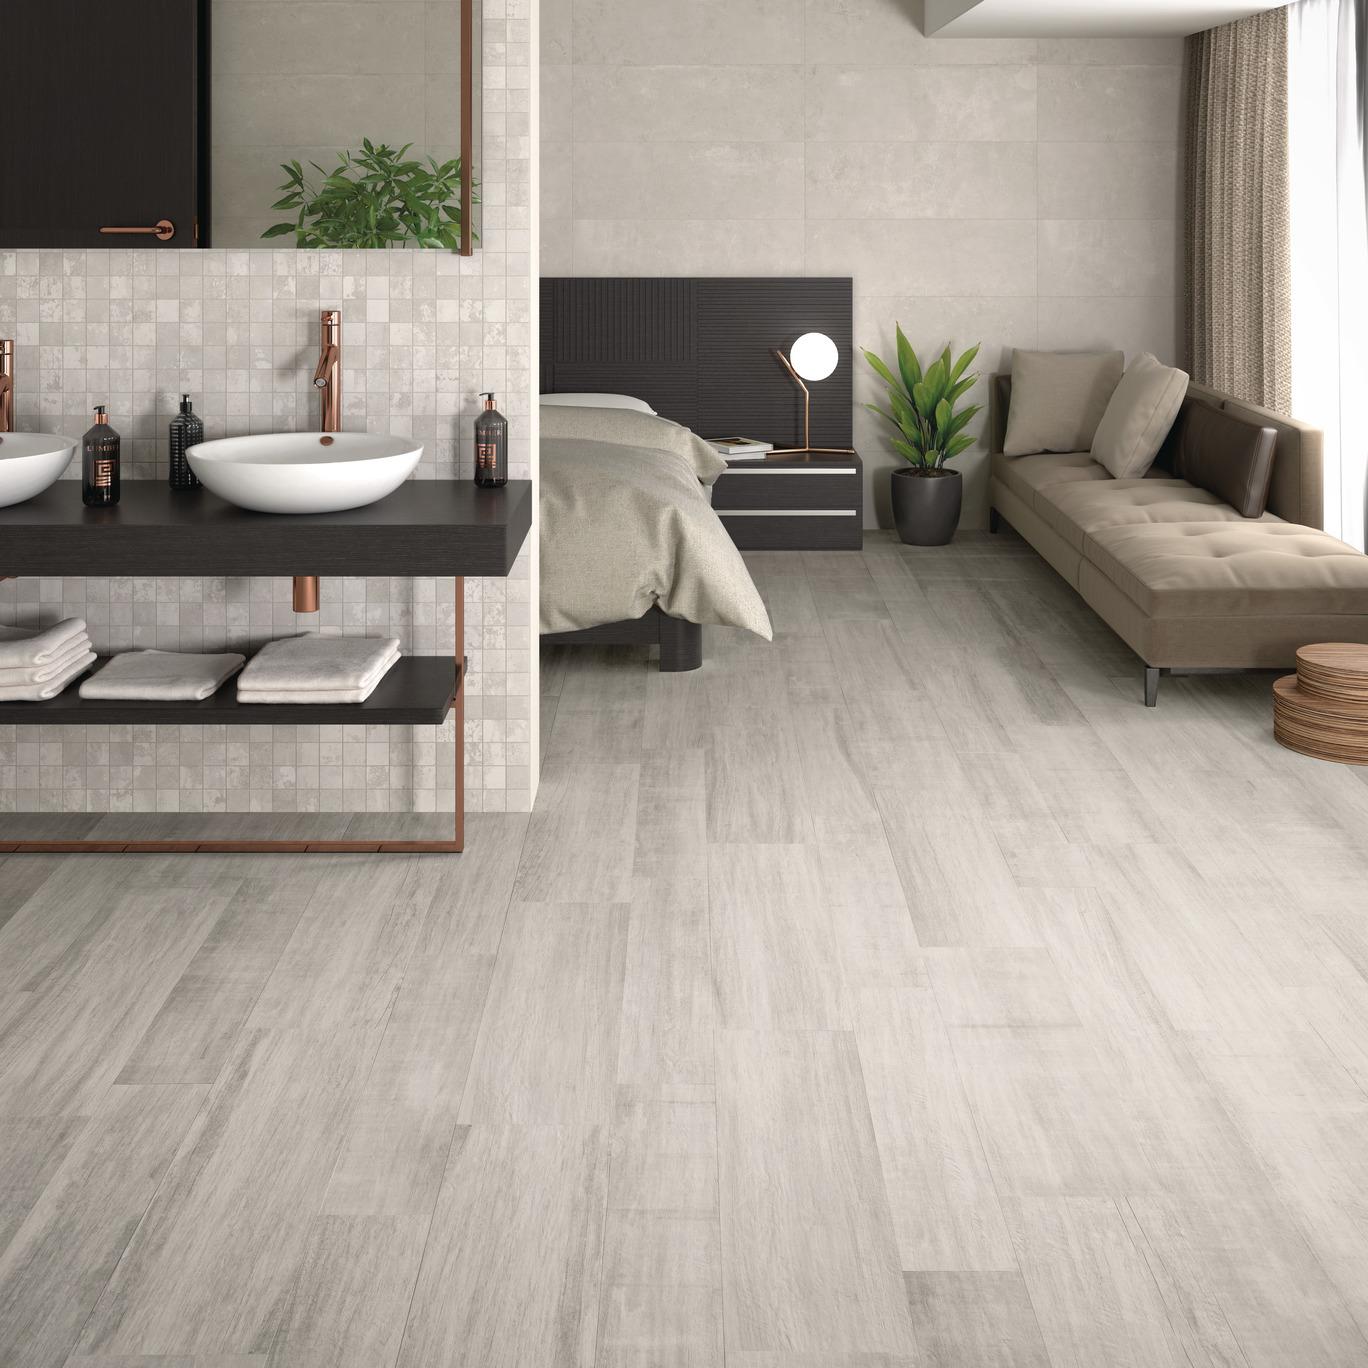 dlažba-a-obklad-do-interieru-v-dekoru-dreva-matna-22x90-lumber